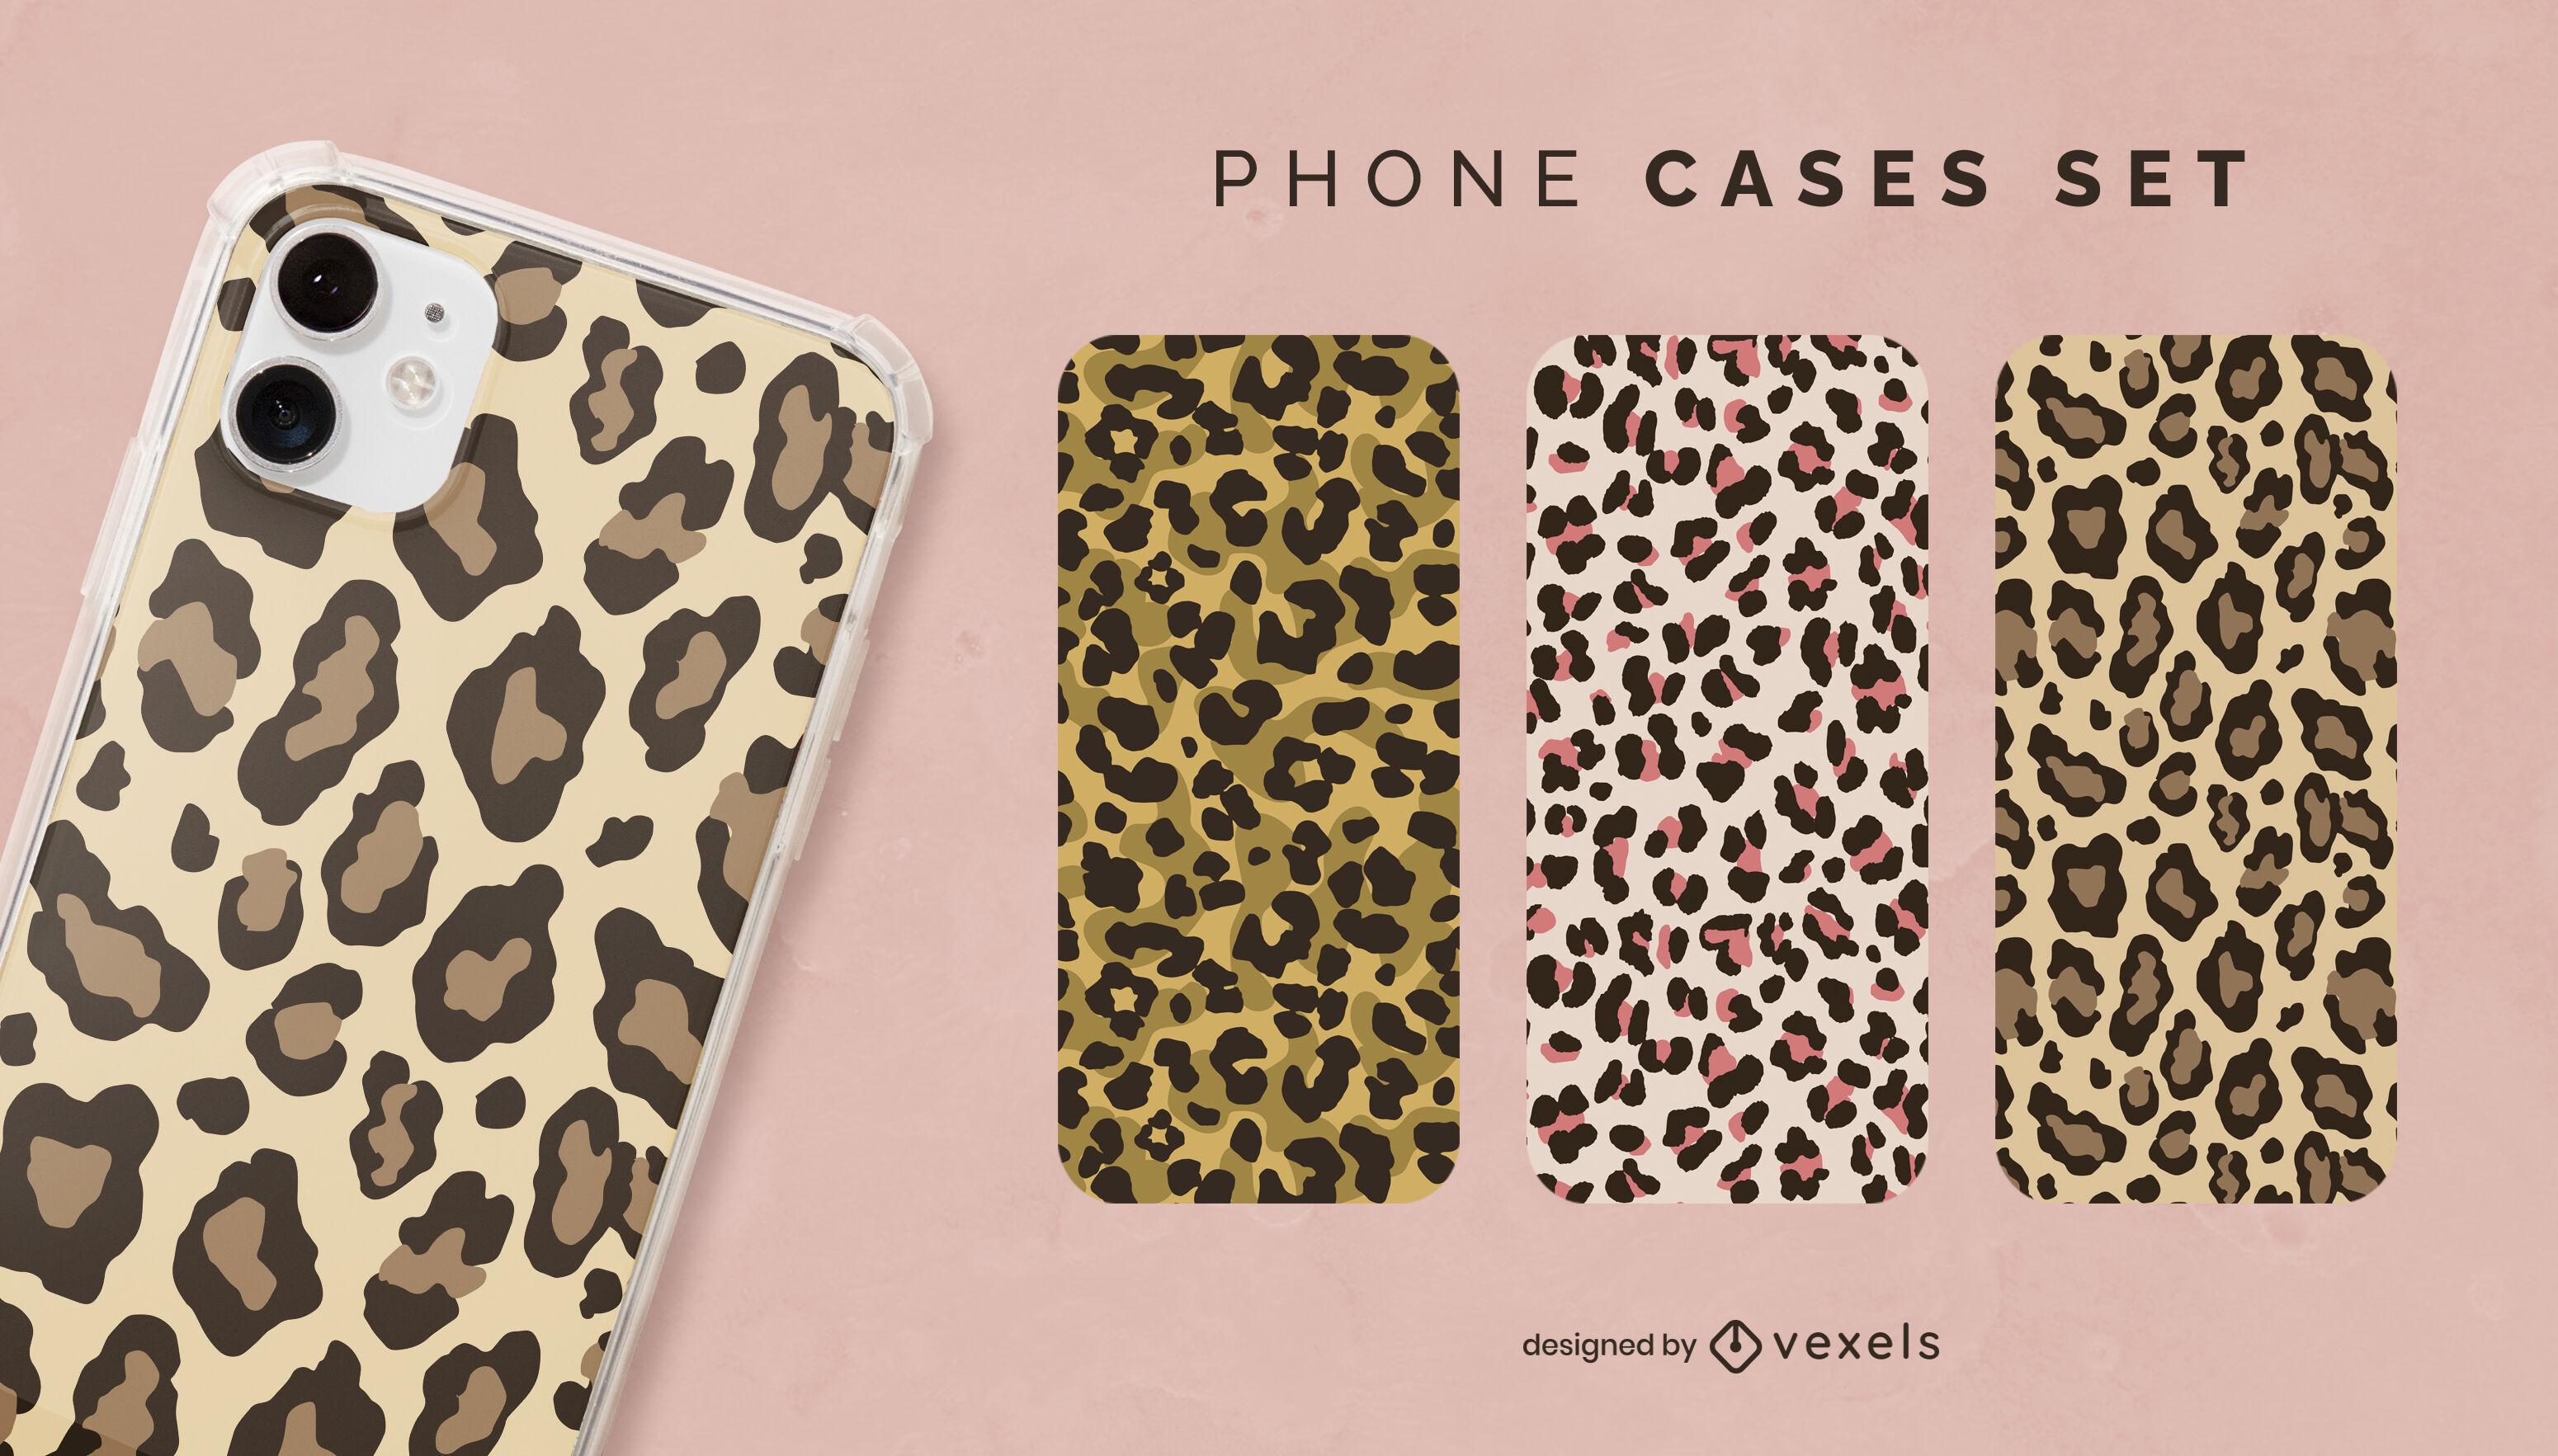 Handyh?llen-Set mit Wildtier-Print mit Leopardenmuster